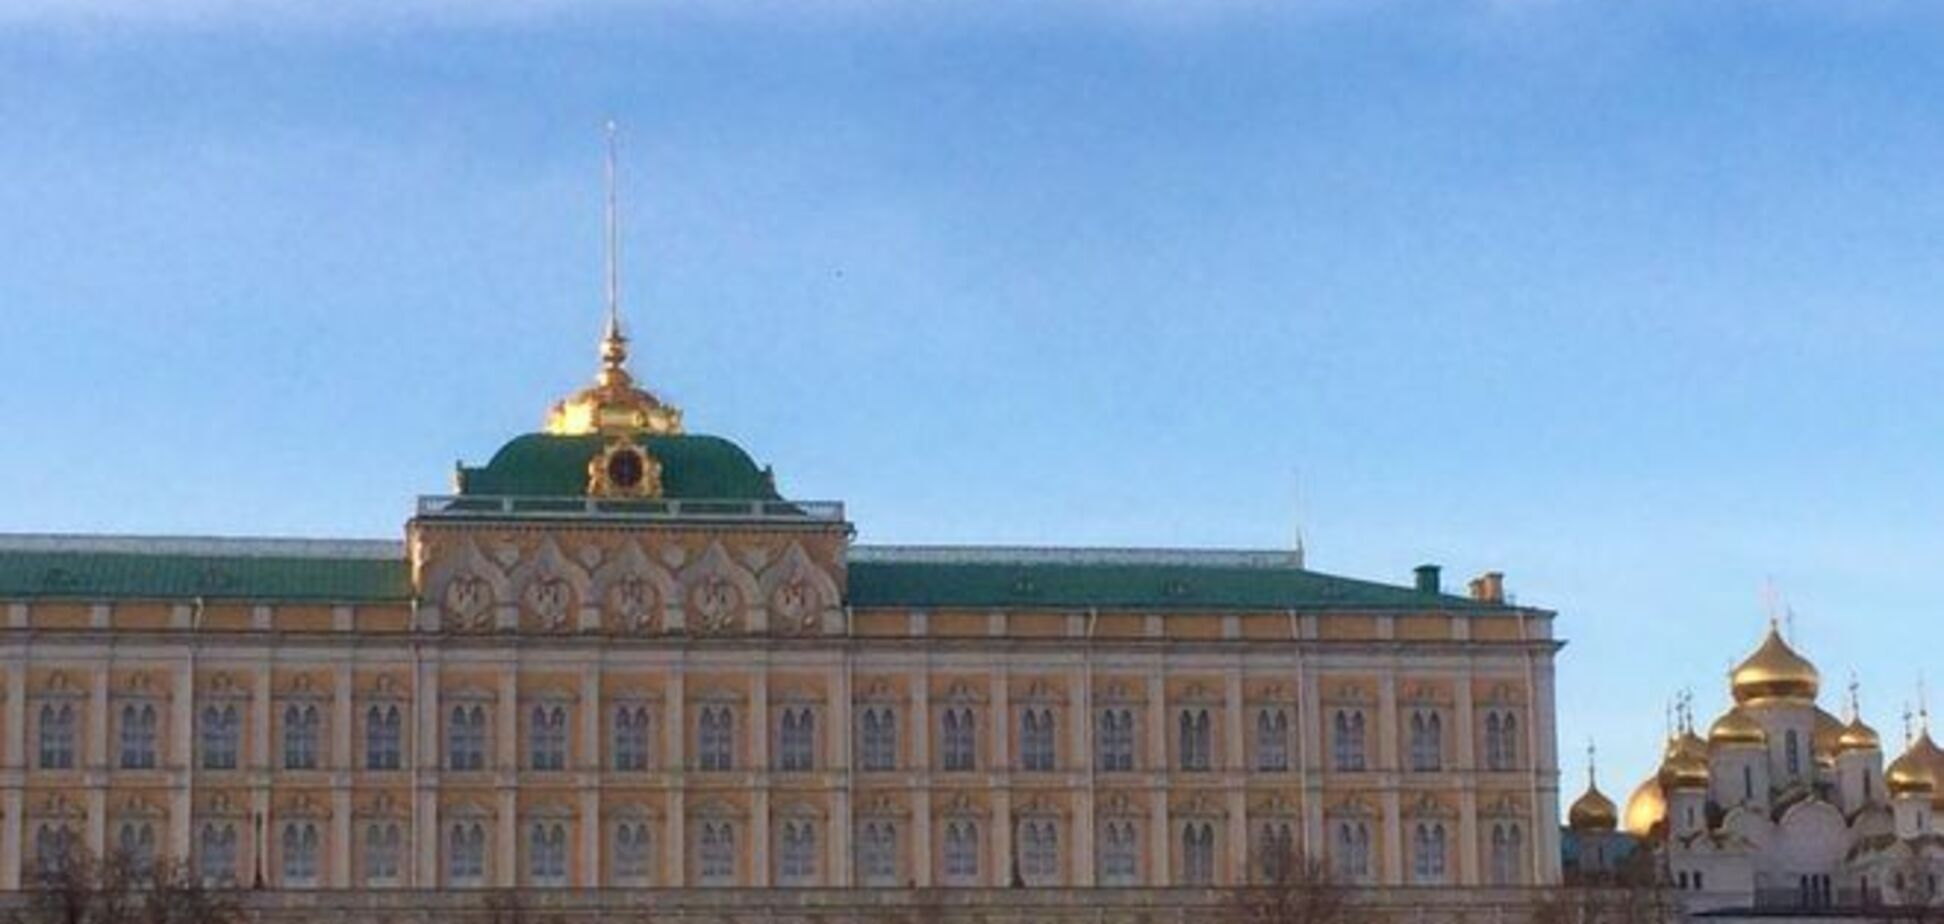 На украинский меняют? Пользователи соцсетей гадают, почему пропал флаг на шпиле Большого Кремлёвского дворца: фотофакт